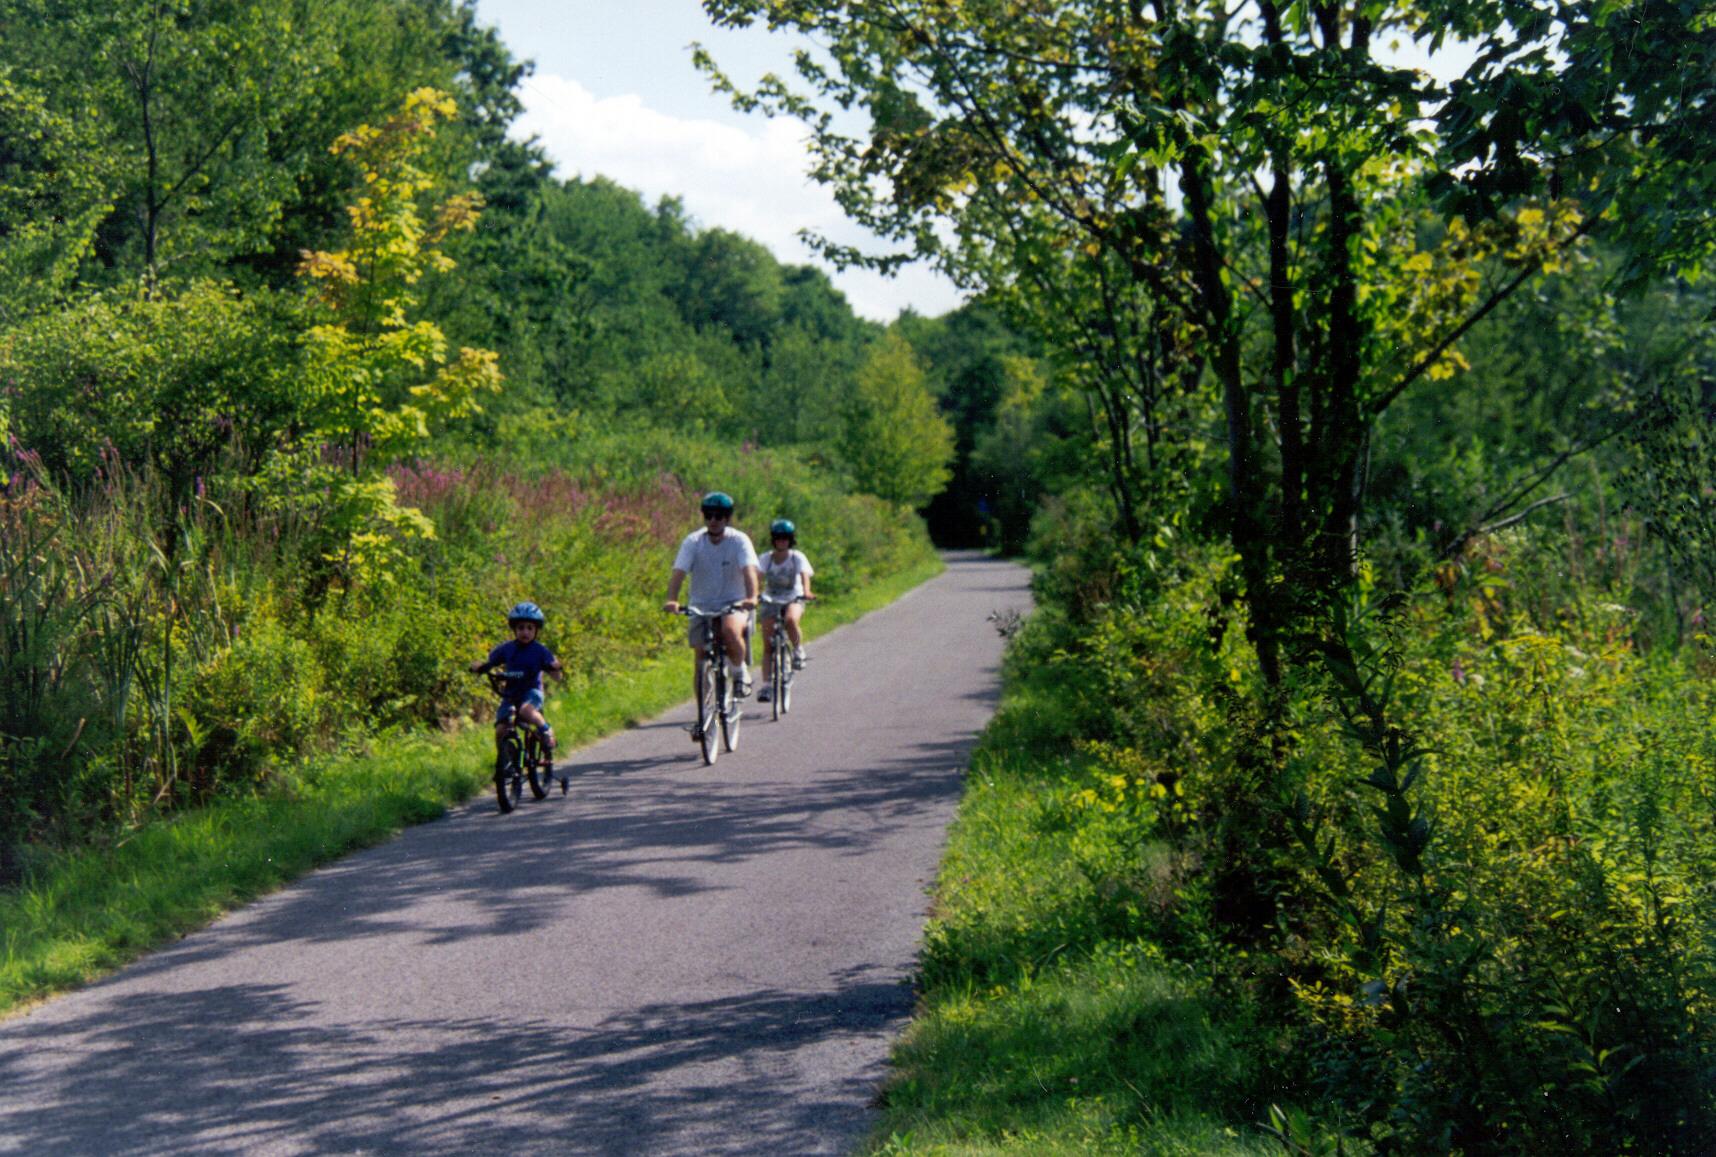 family on bikes - Harlem Valley RT